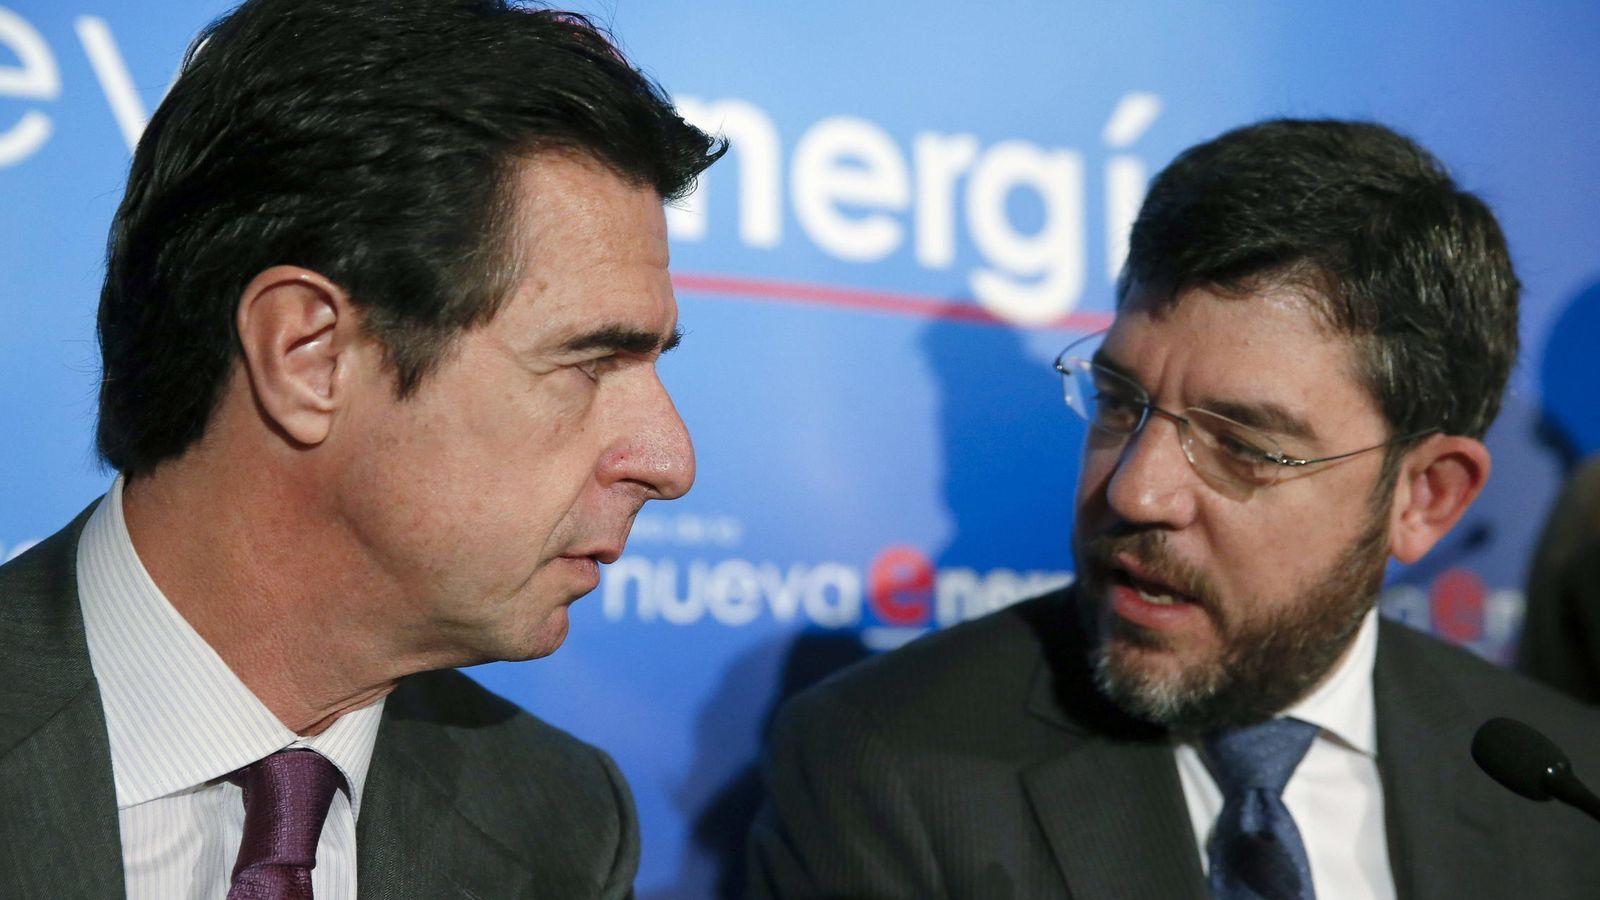 Foto: El exministro de Industria y Energía José Manuel Soria, junto a Alberto Nadal, exsecretario de Estado de Energía. (EFE)